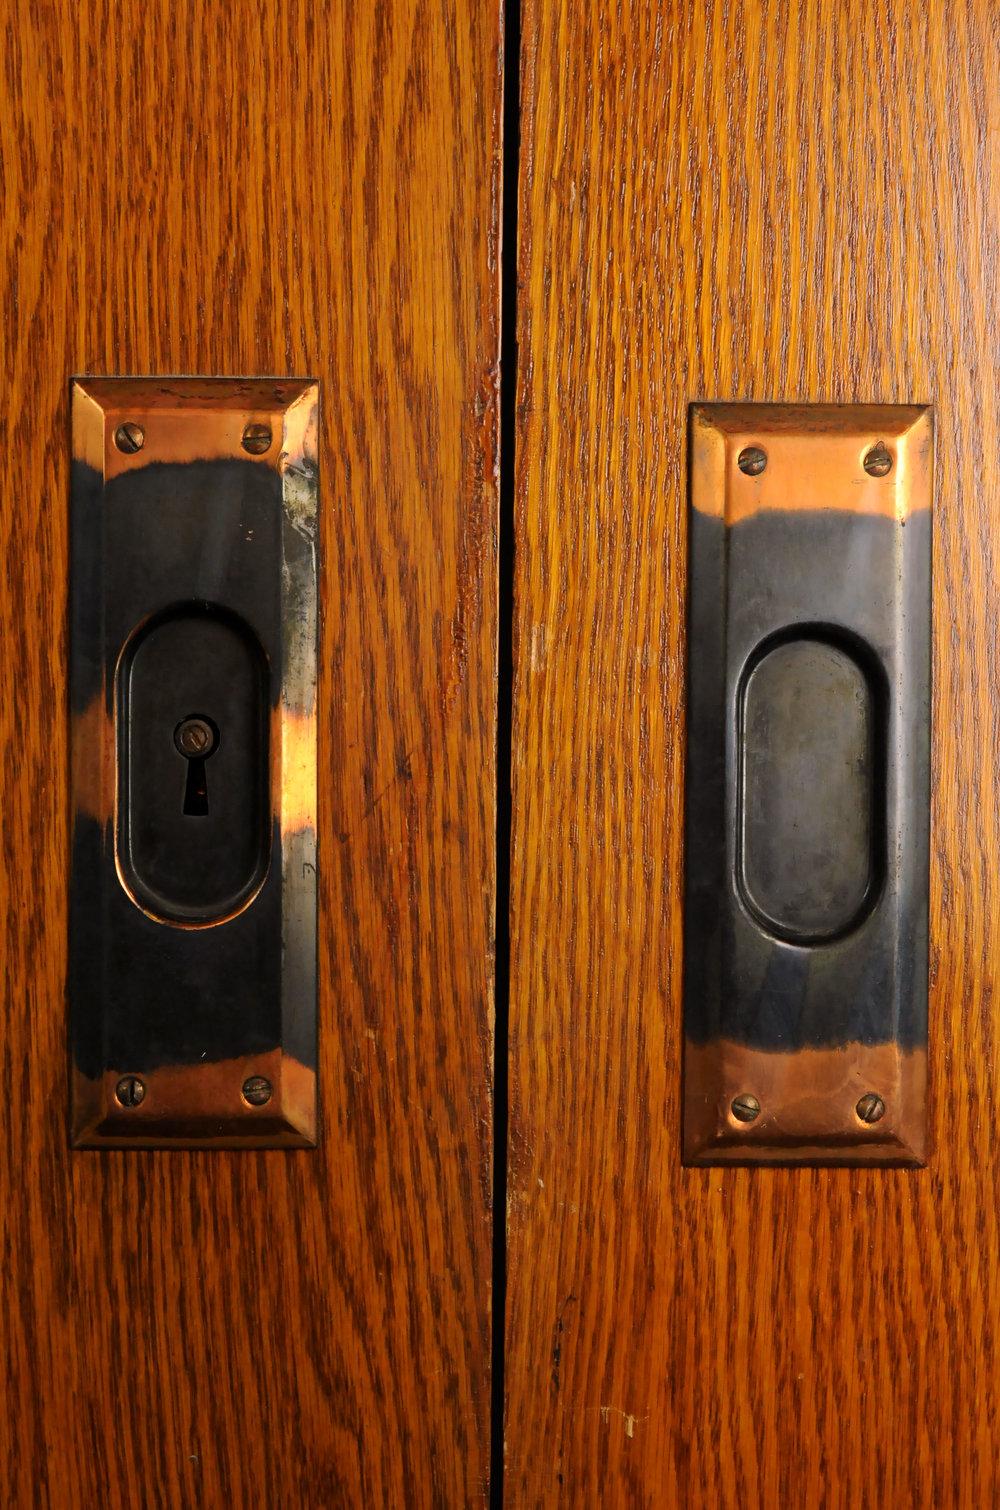 47014-pocket-door-hardware.jpg